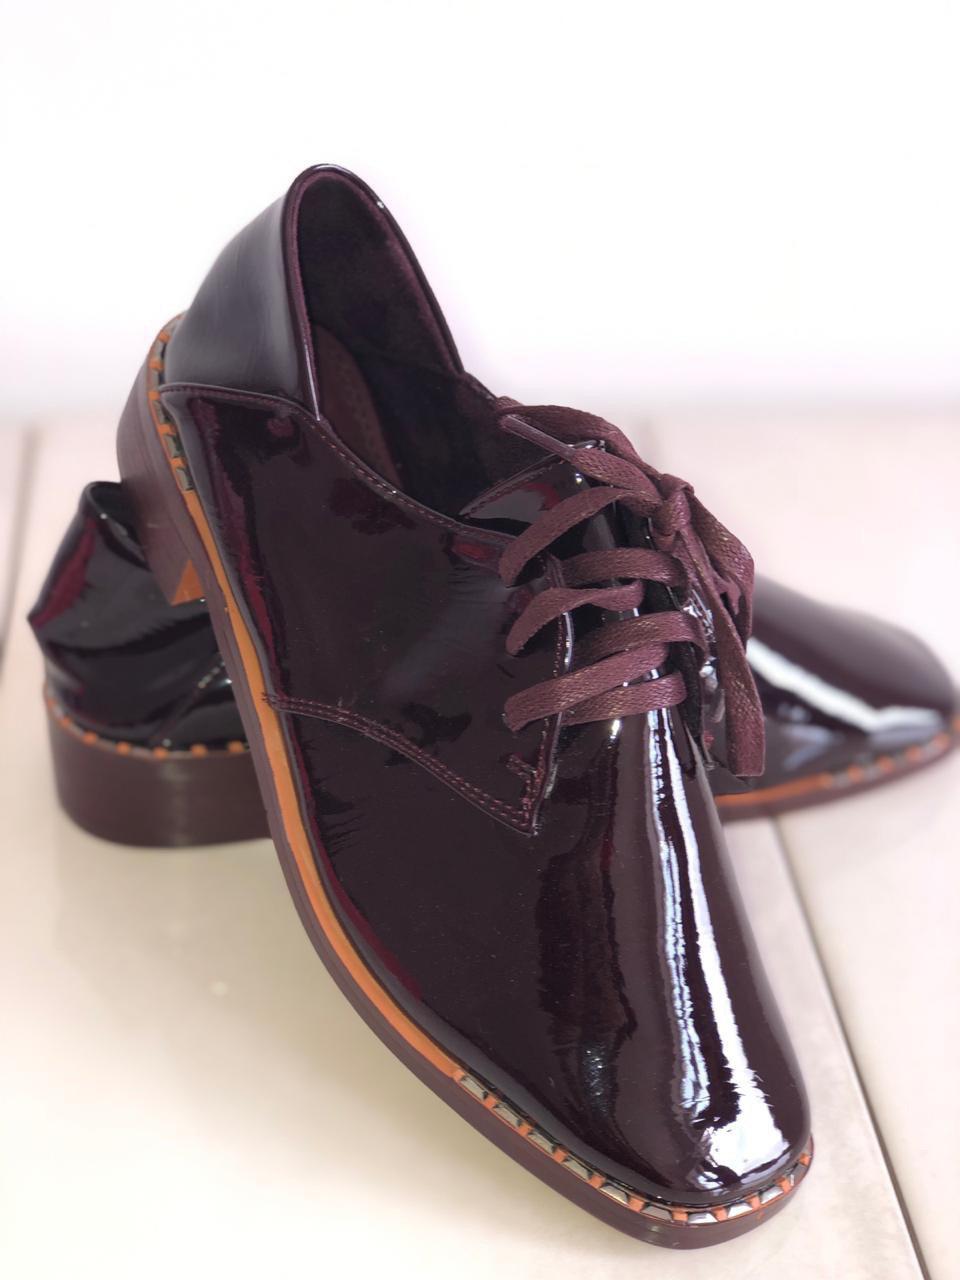 женская обувь опт доставка во все регионы